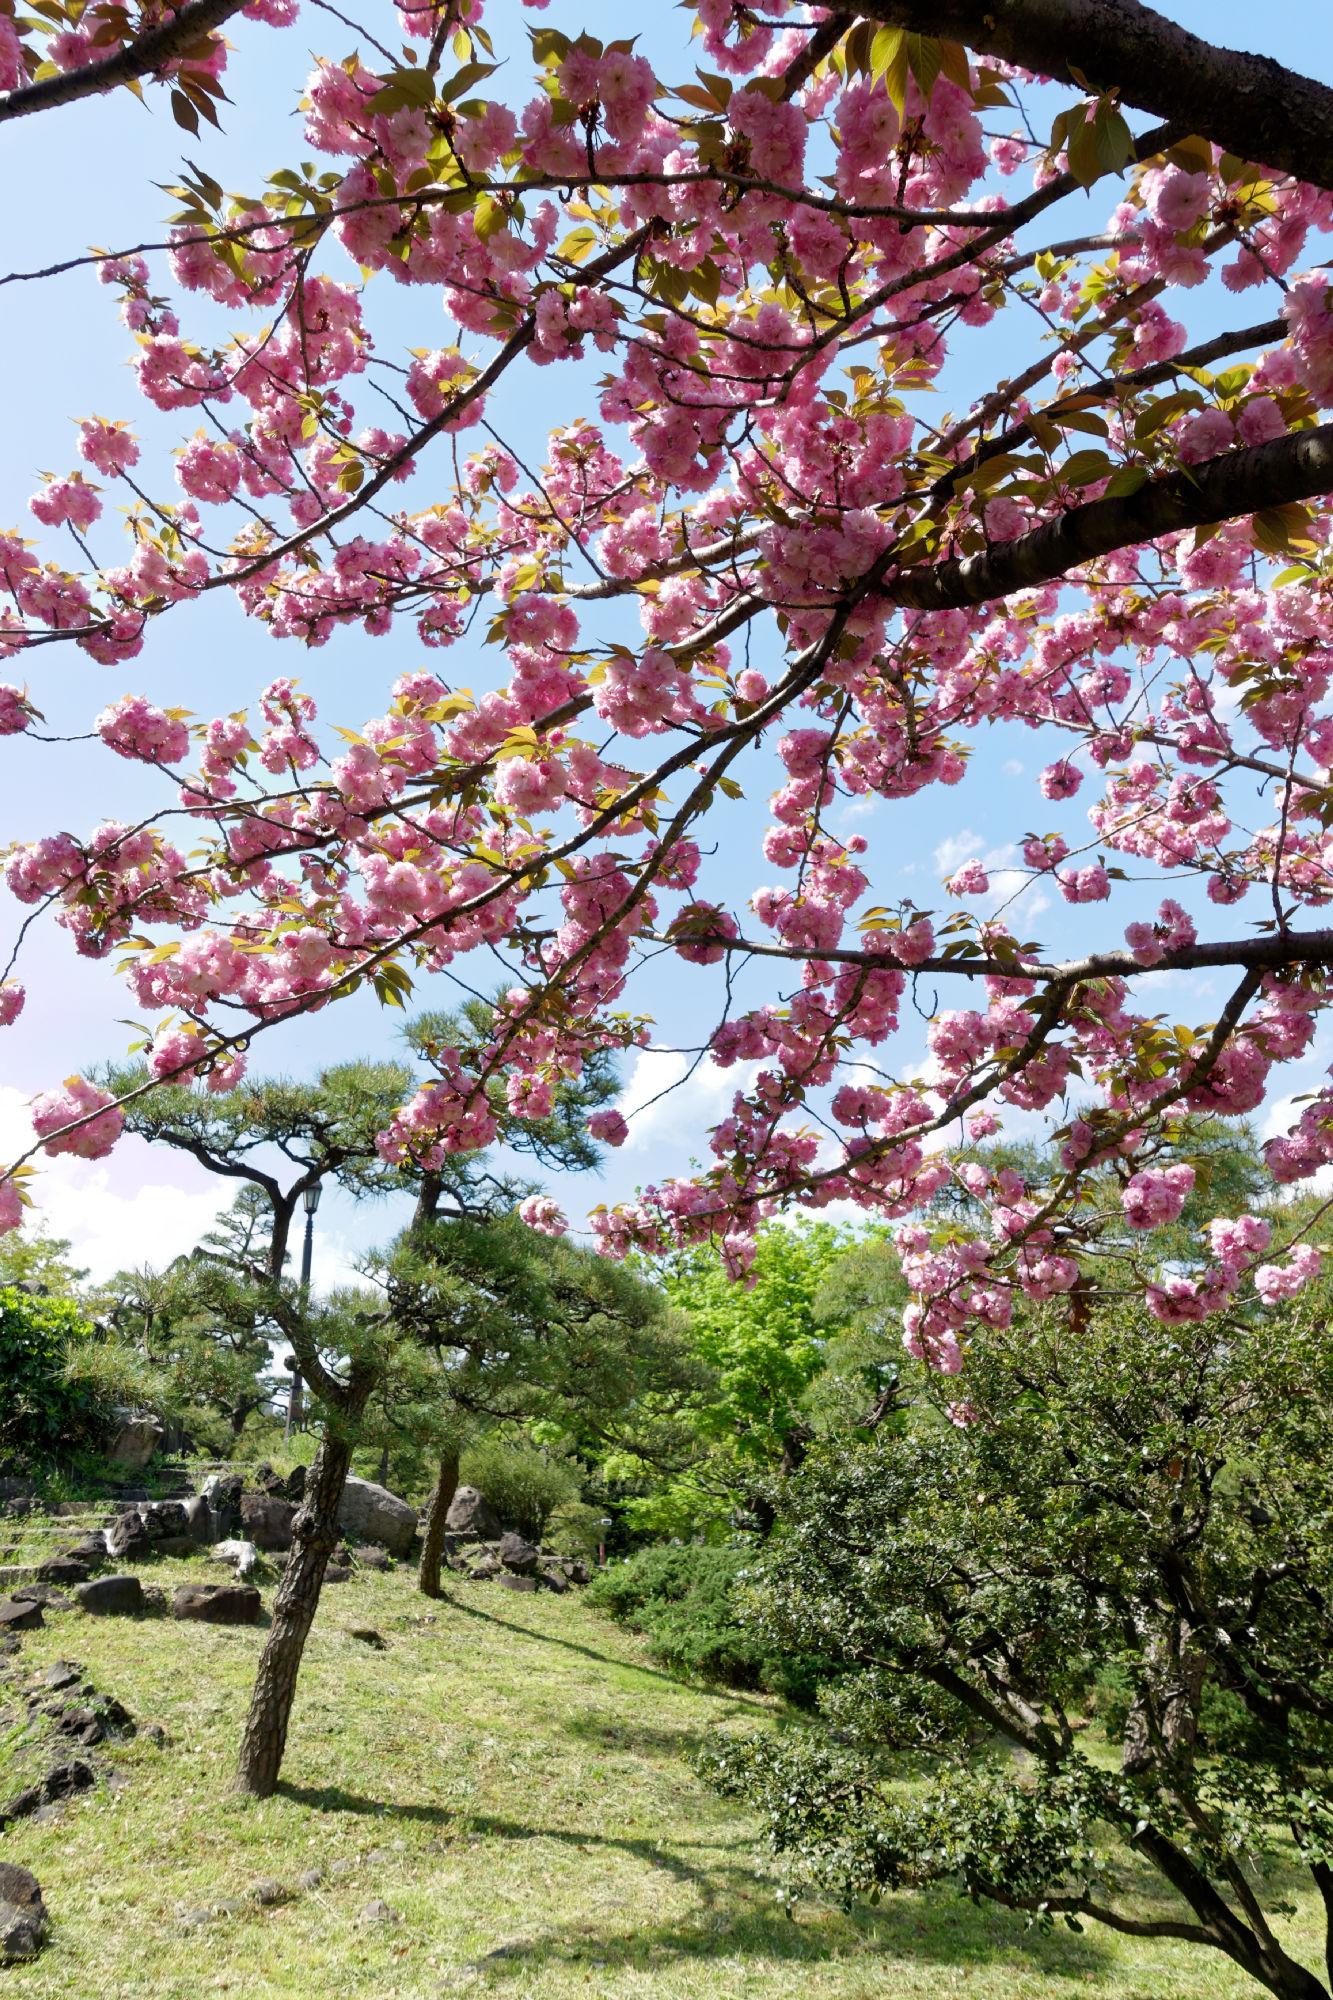 2017-04-19 13-51-33 Cherry Blossom